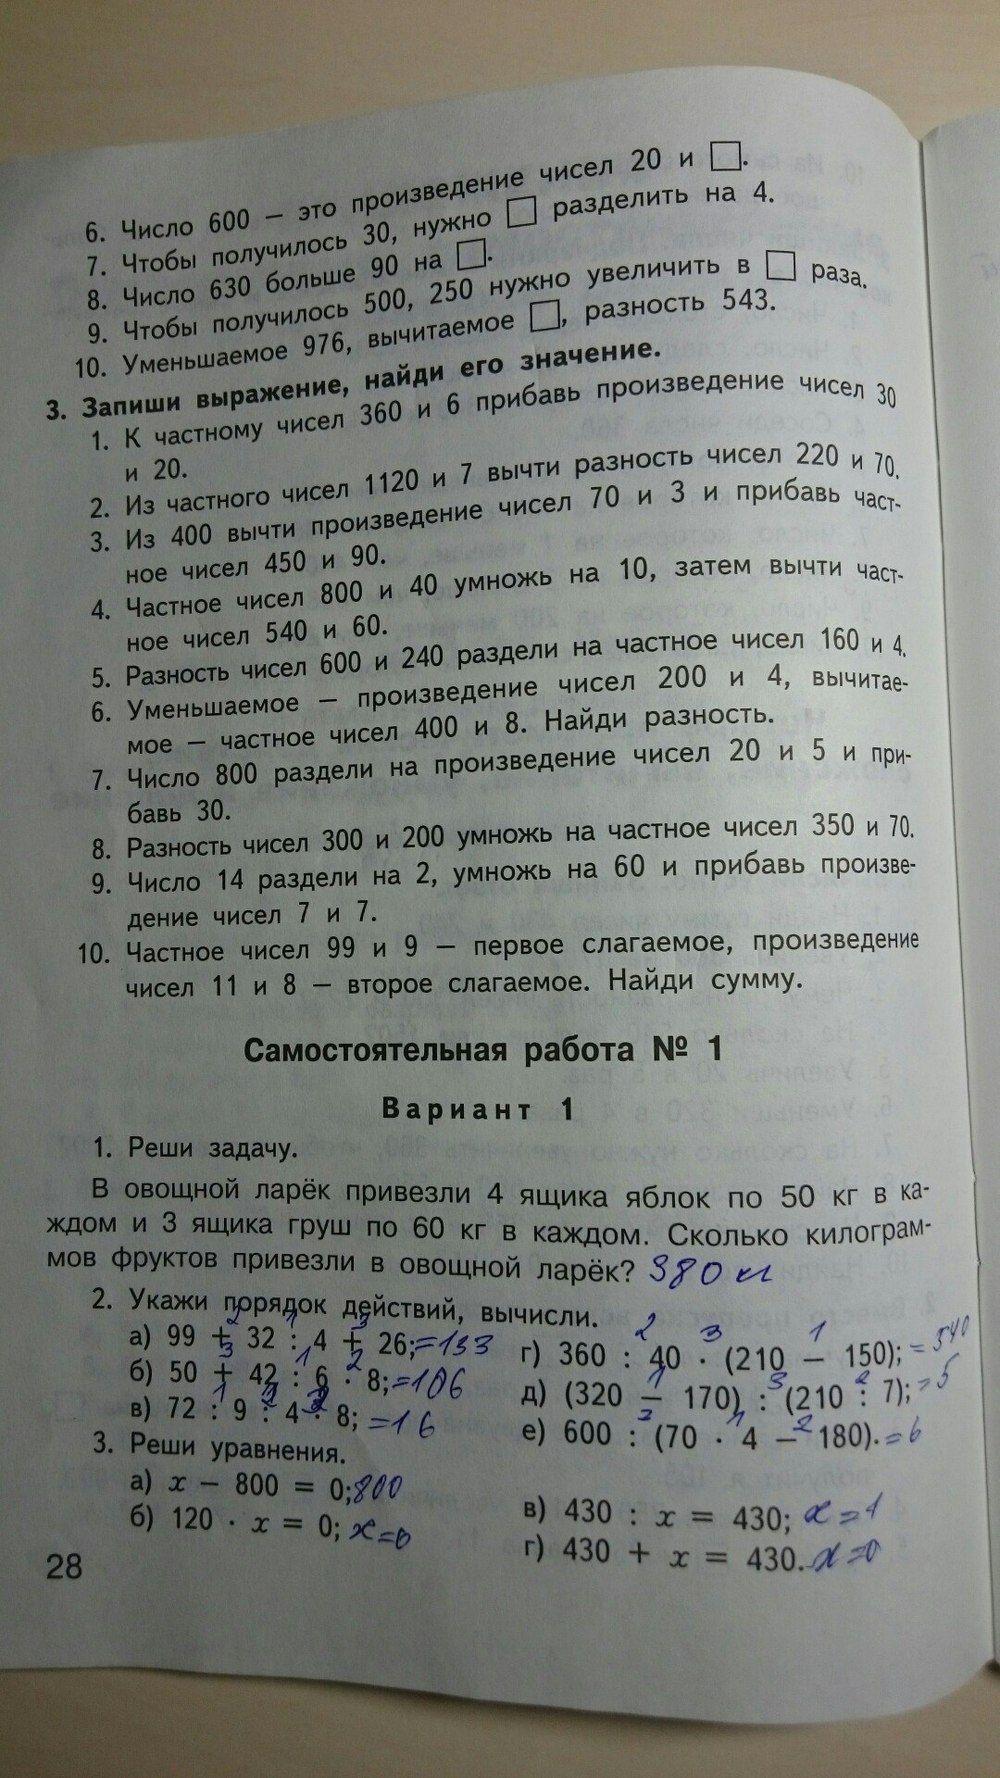 гдз по татарскому языку 6 класс хайдарова